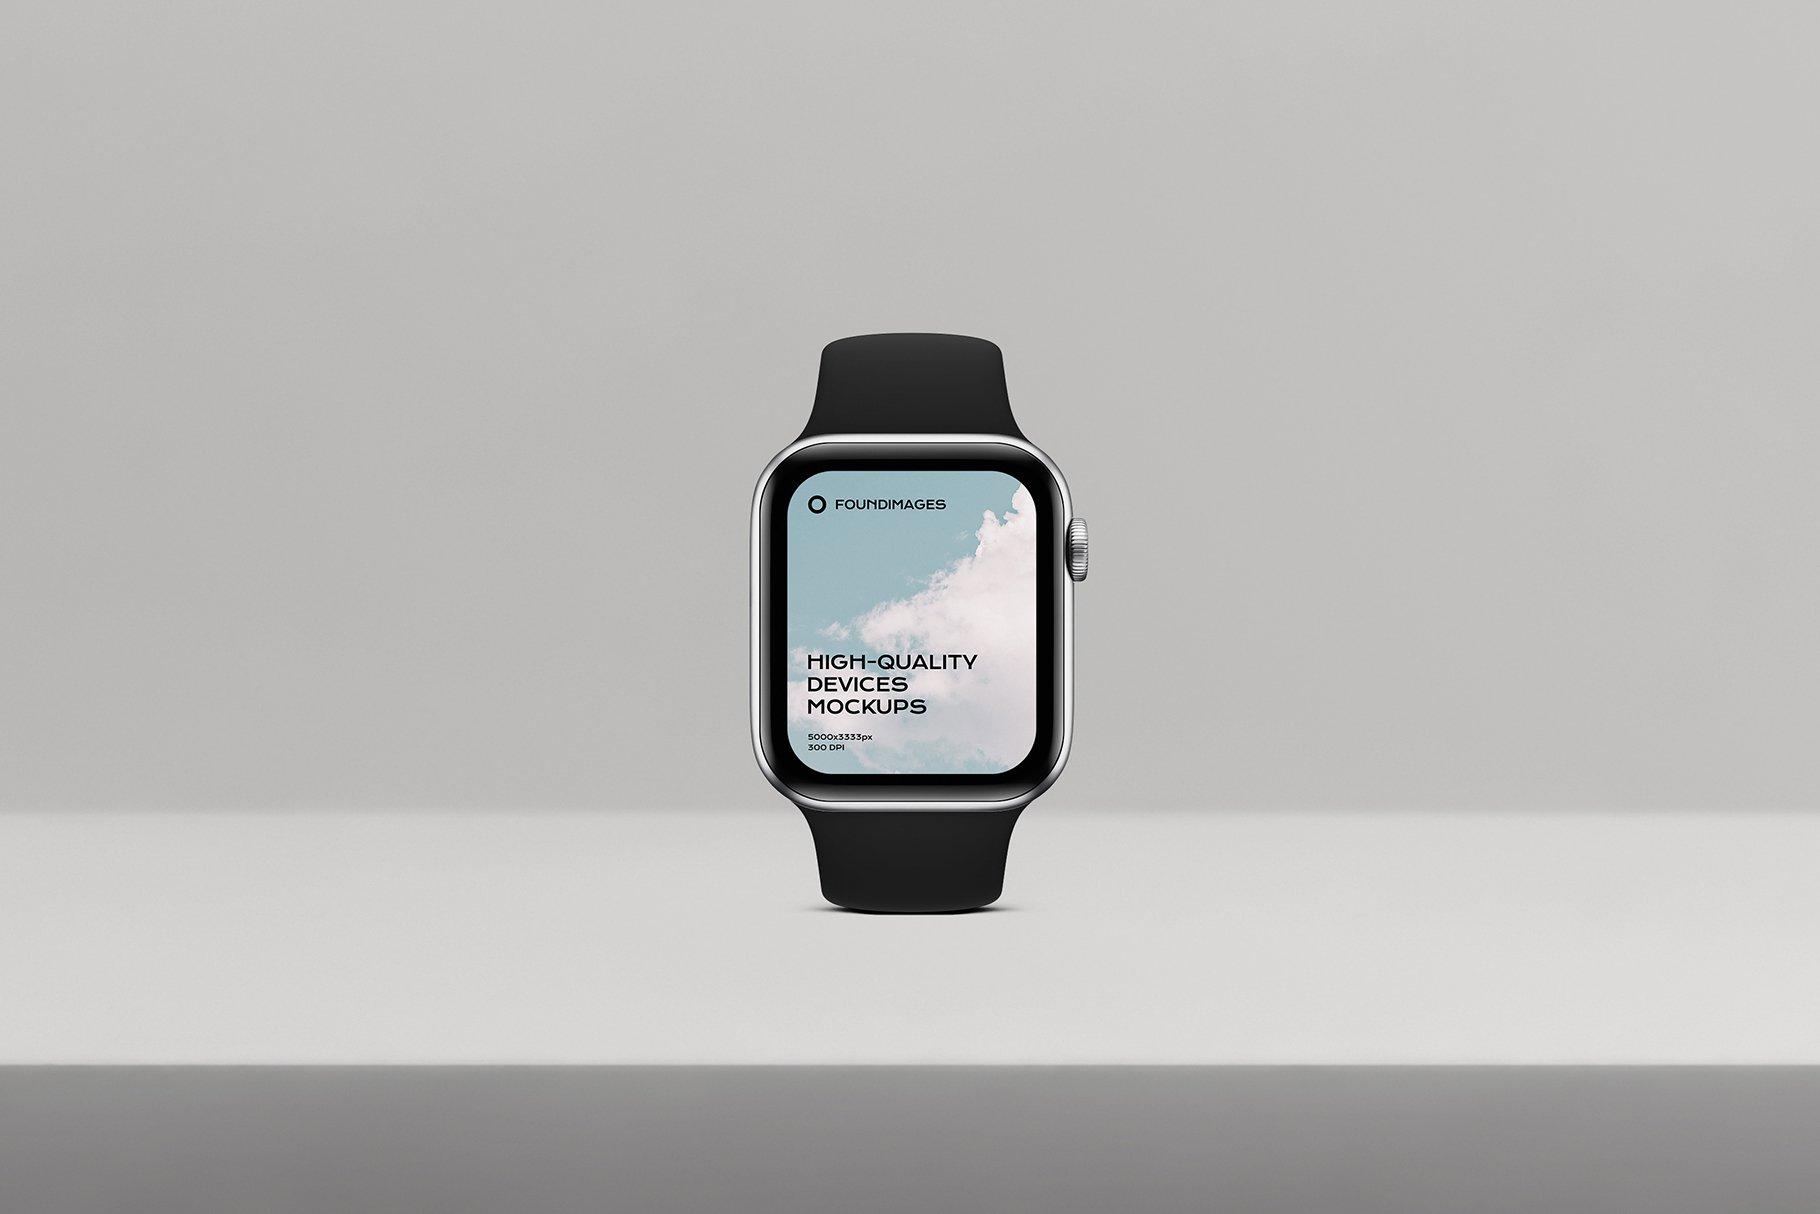 苹果系列设备多屏幕展示样机素材-正视图插图(8)